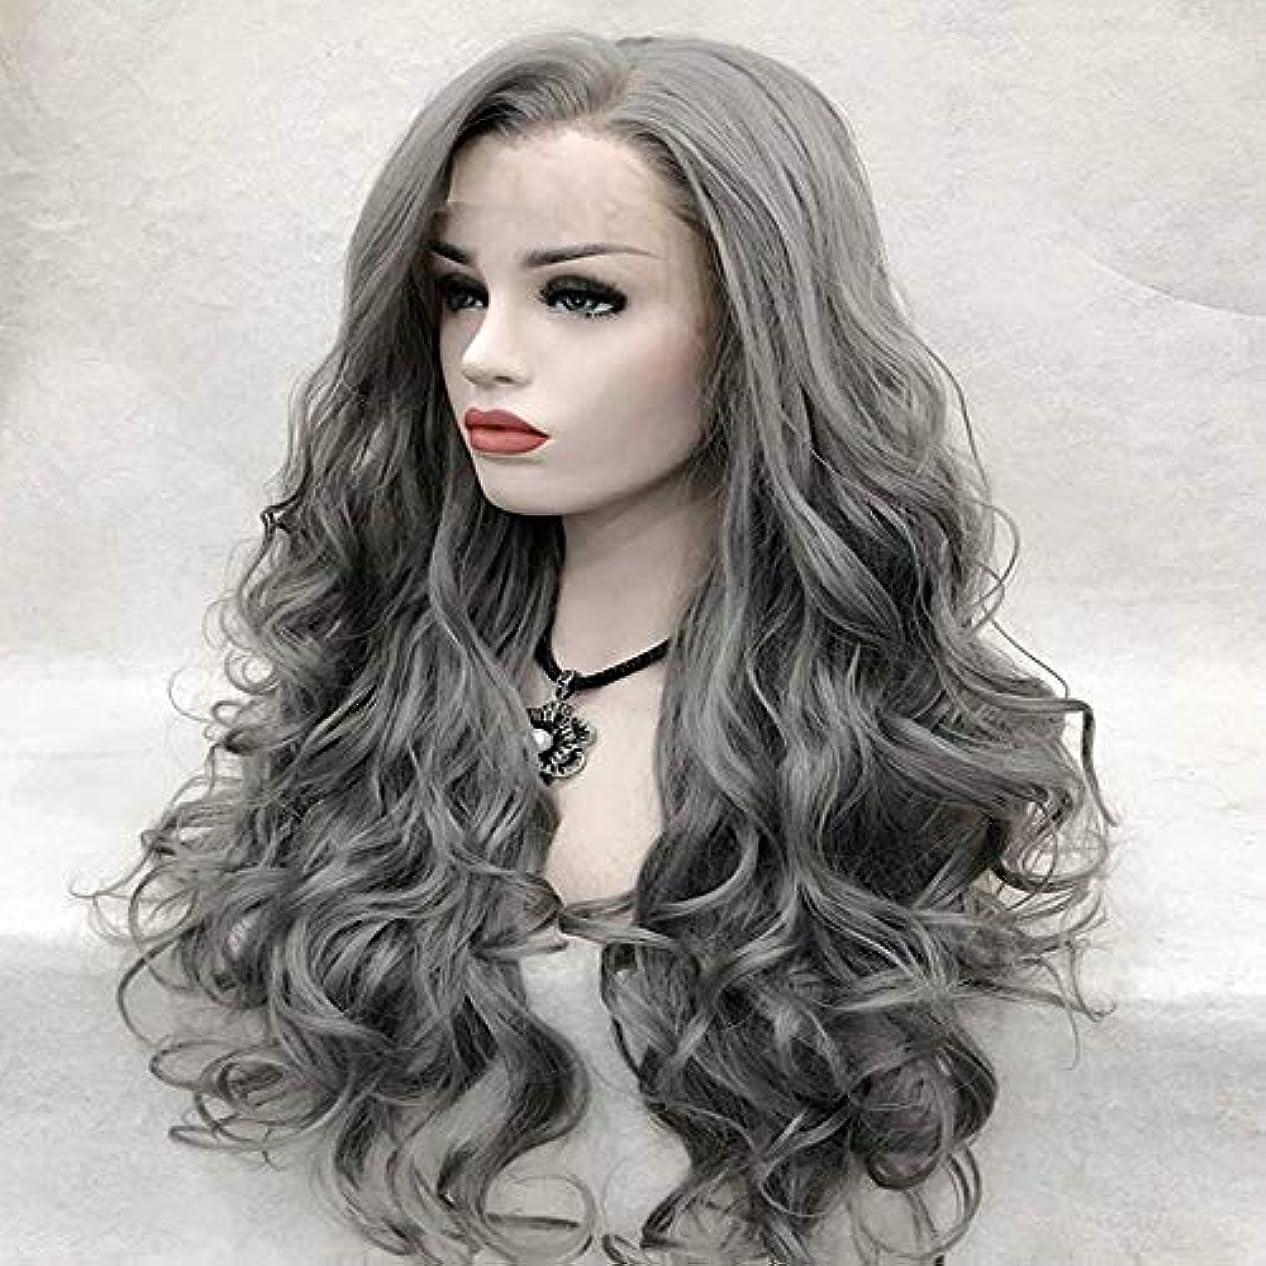 風邪をひく悪性のストラトフォードオンエイボンヘアピース ファッション女性フロントレース化学繊維長い巻き毛の前髪かつら髪セットシルバーグレー天然かつら